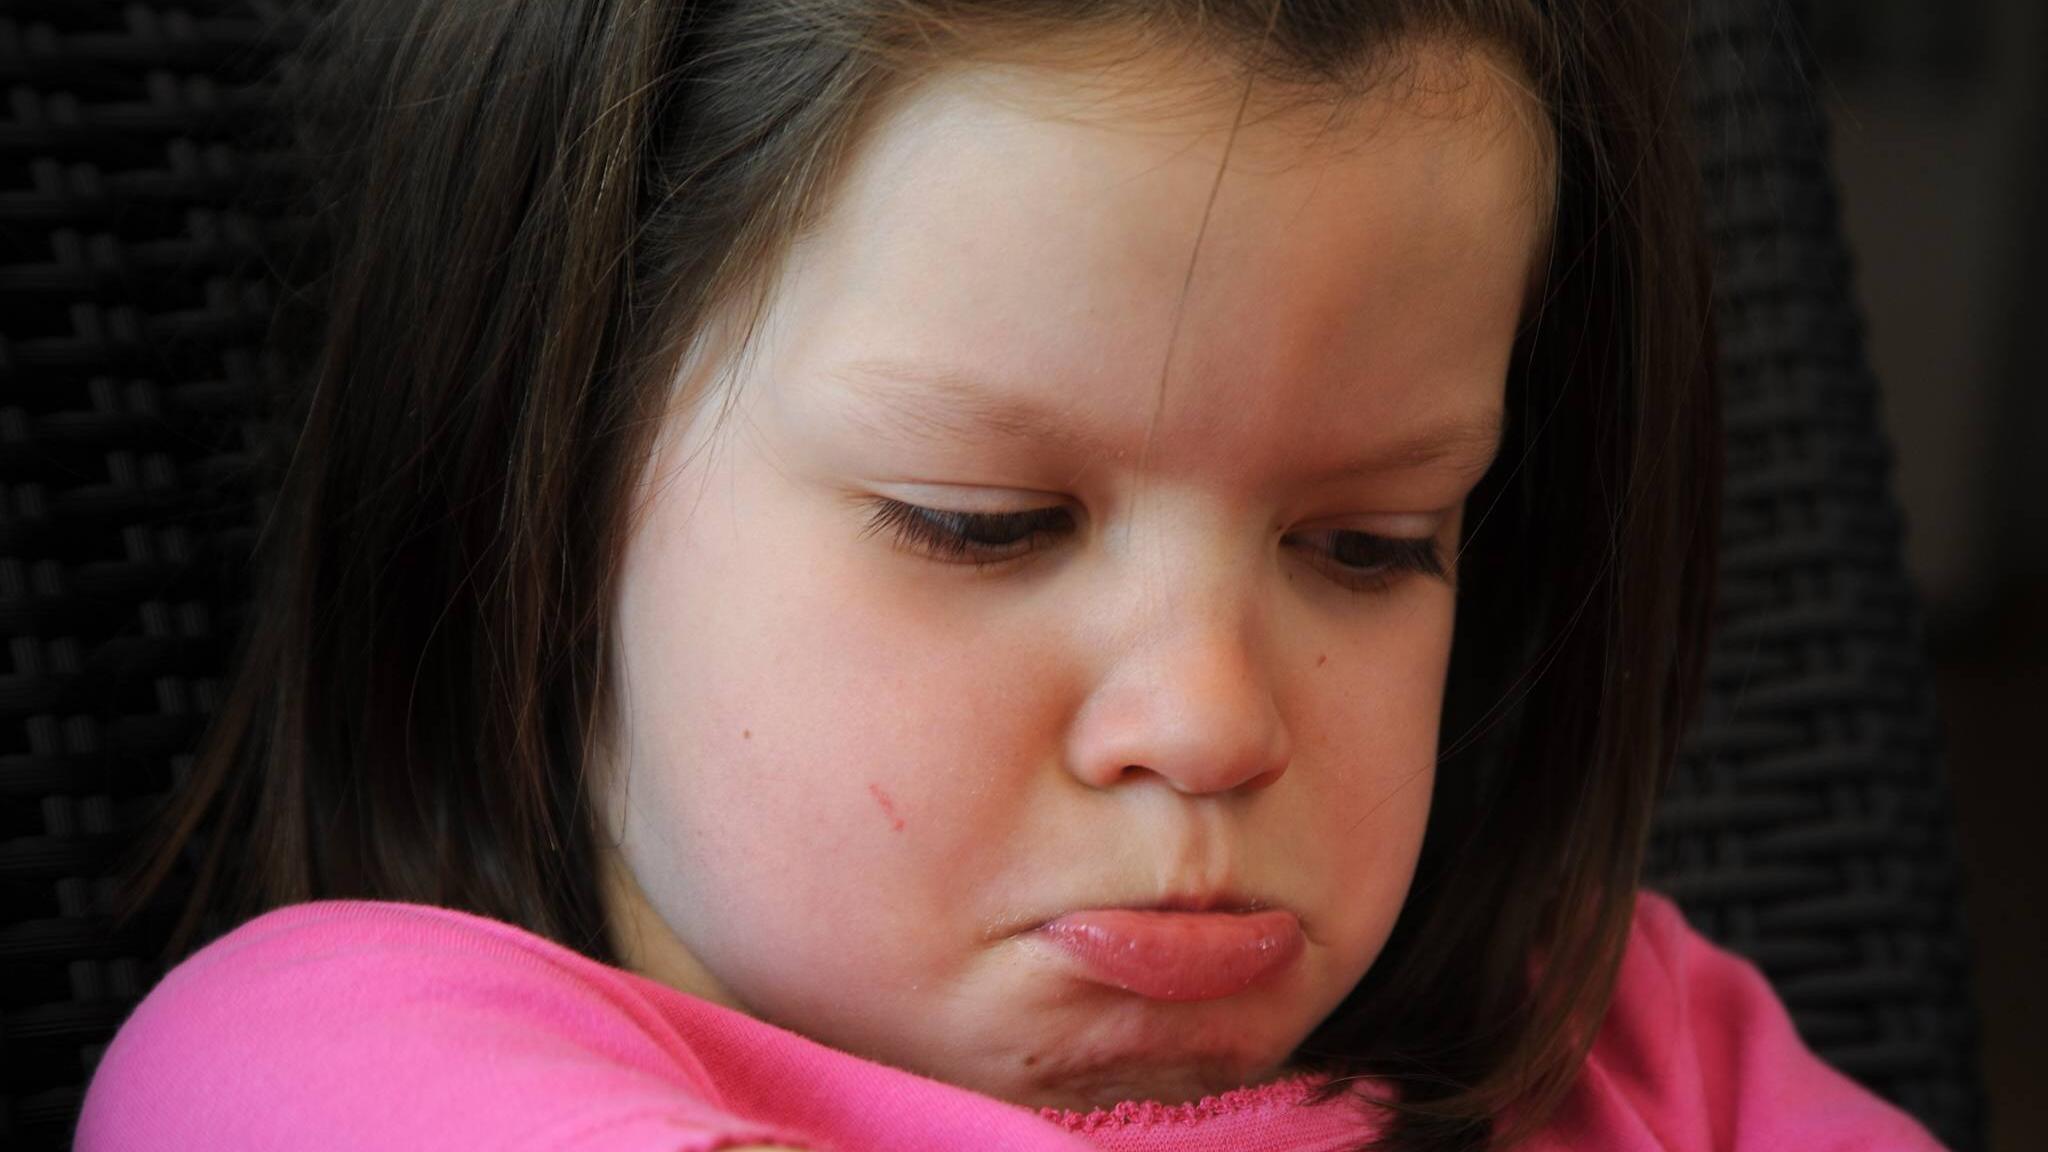 Manchmal sucht Ihr Kind Aufmerksamkeit durch negatives Verhalten.